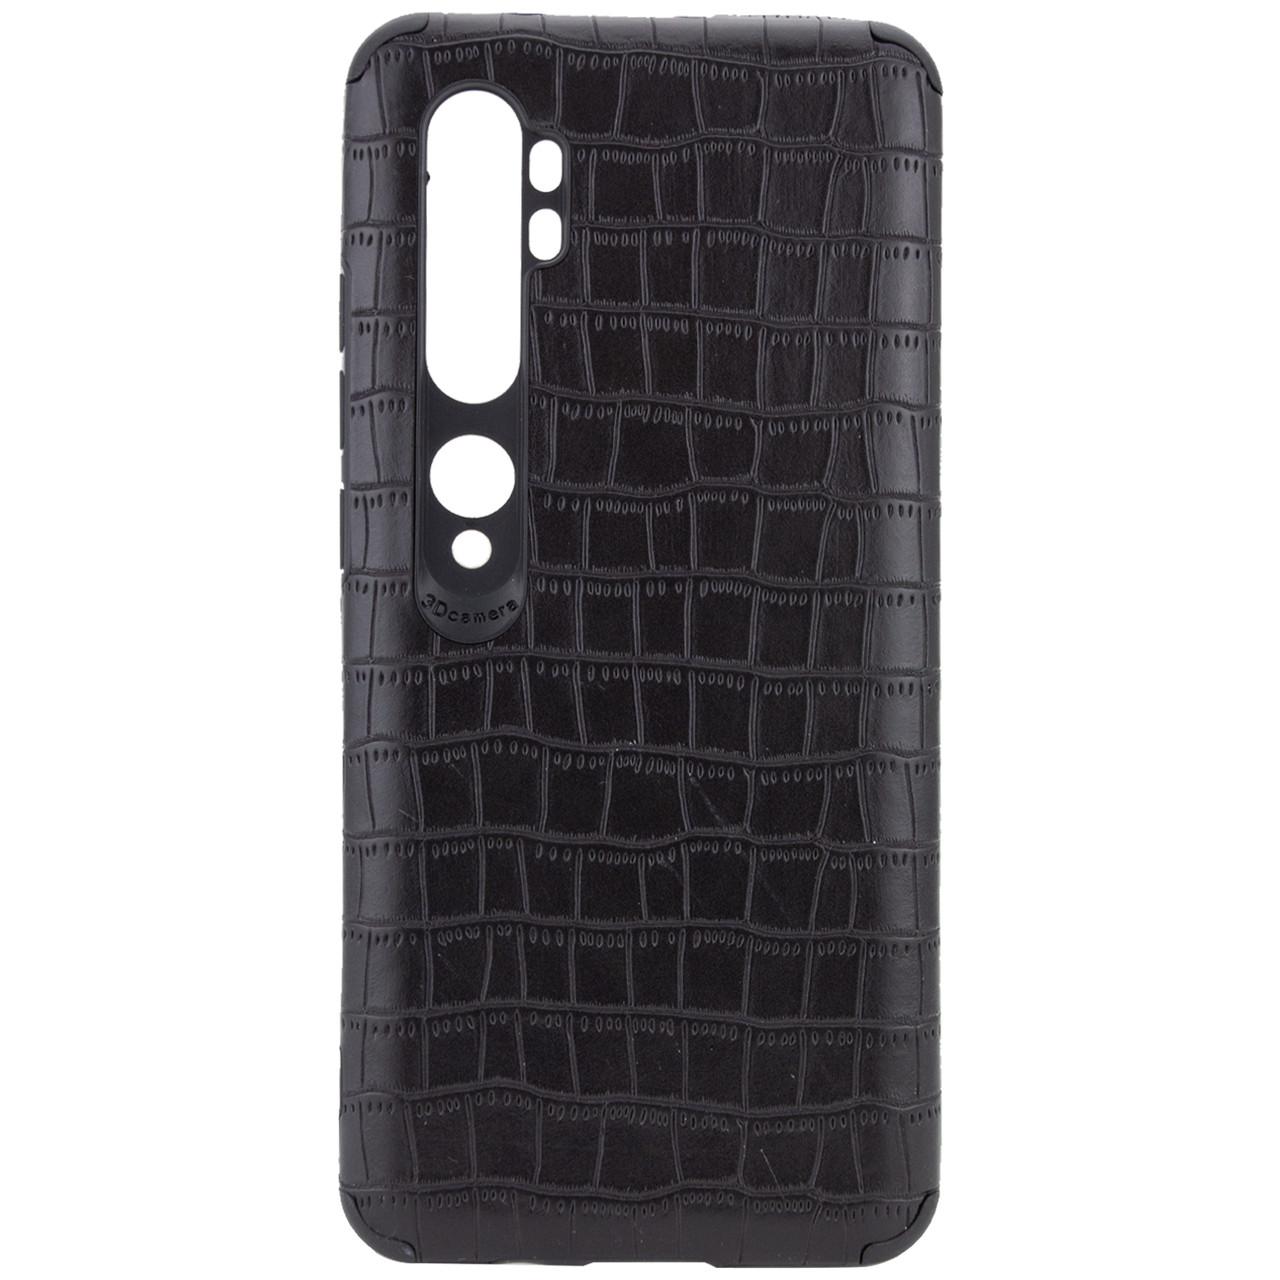 Xiaomi Mi Note 10 / Note 10 Pro / Mi CC9 Pro 34644 Чорний шкіряний чохол на ксяоми ми нот 10 нот 10 про мі сс9